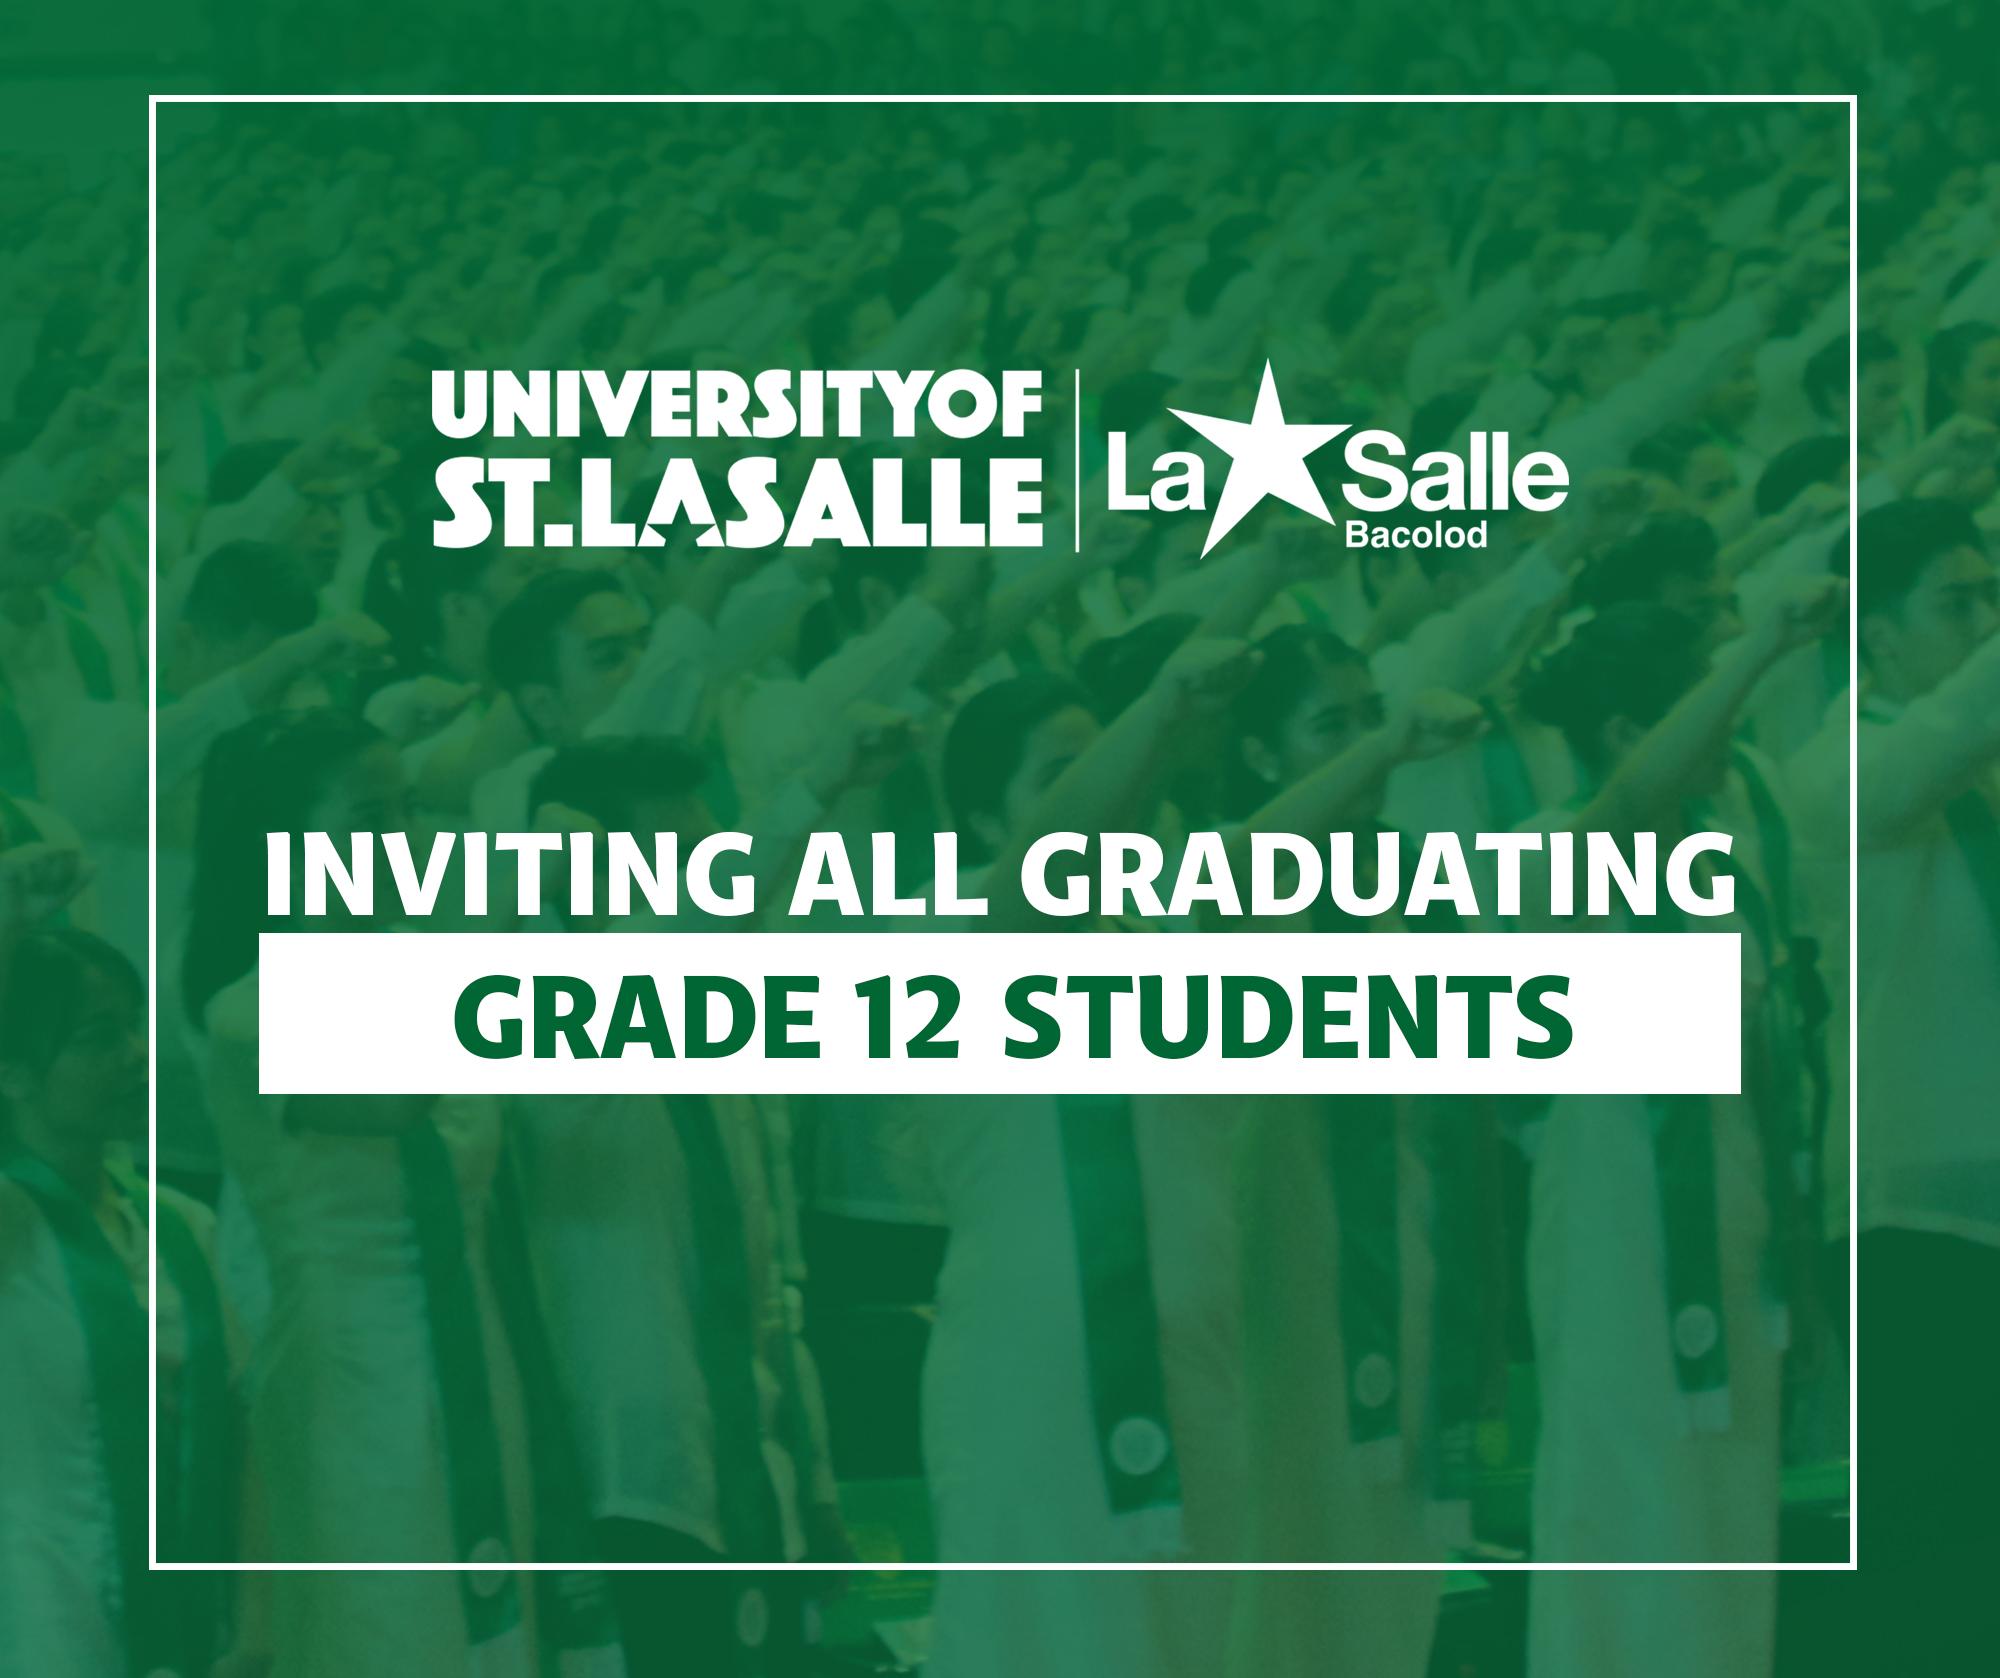 INVITING-ALL-GRADUATING-GRADE-12-STUDENTS.jpg